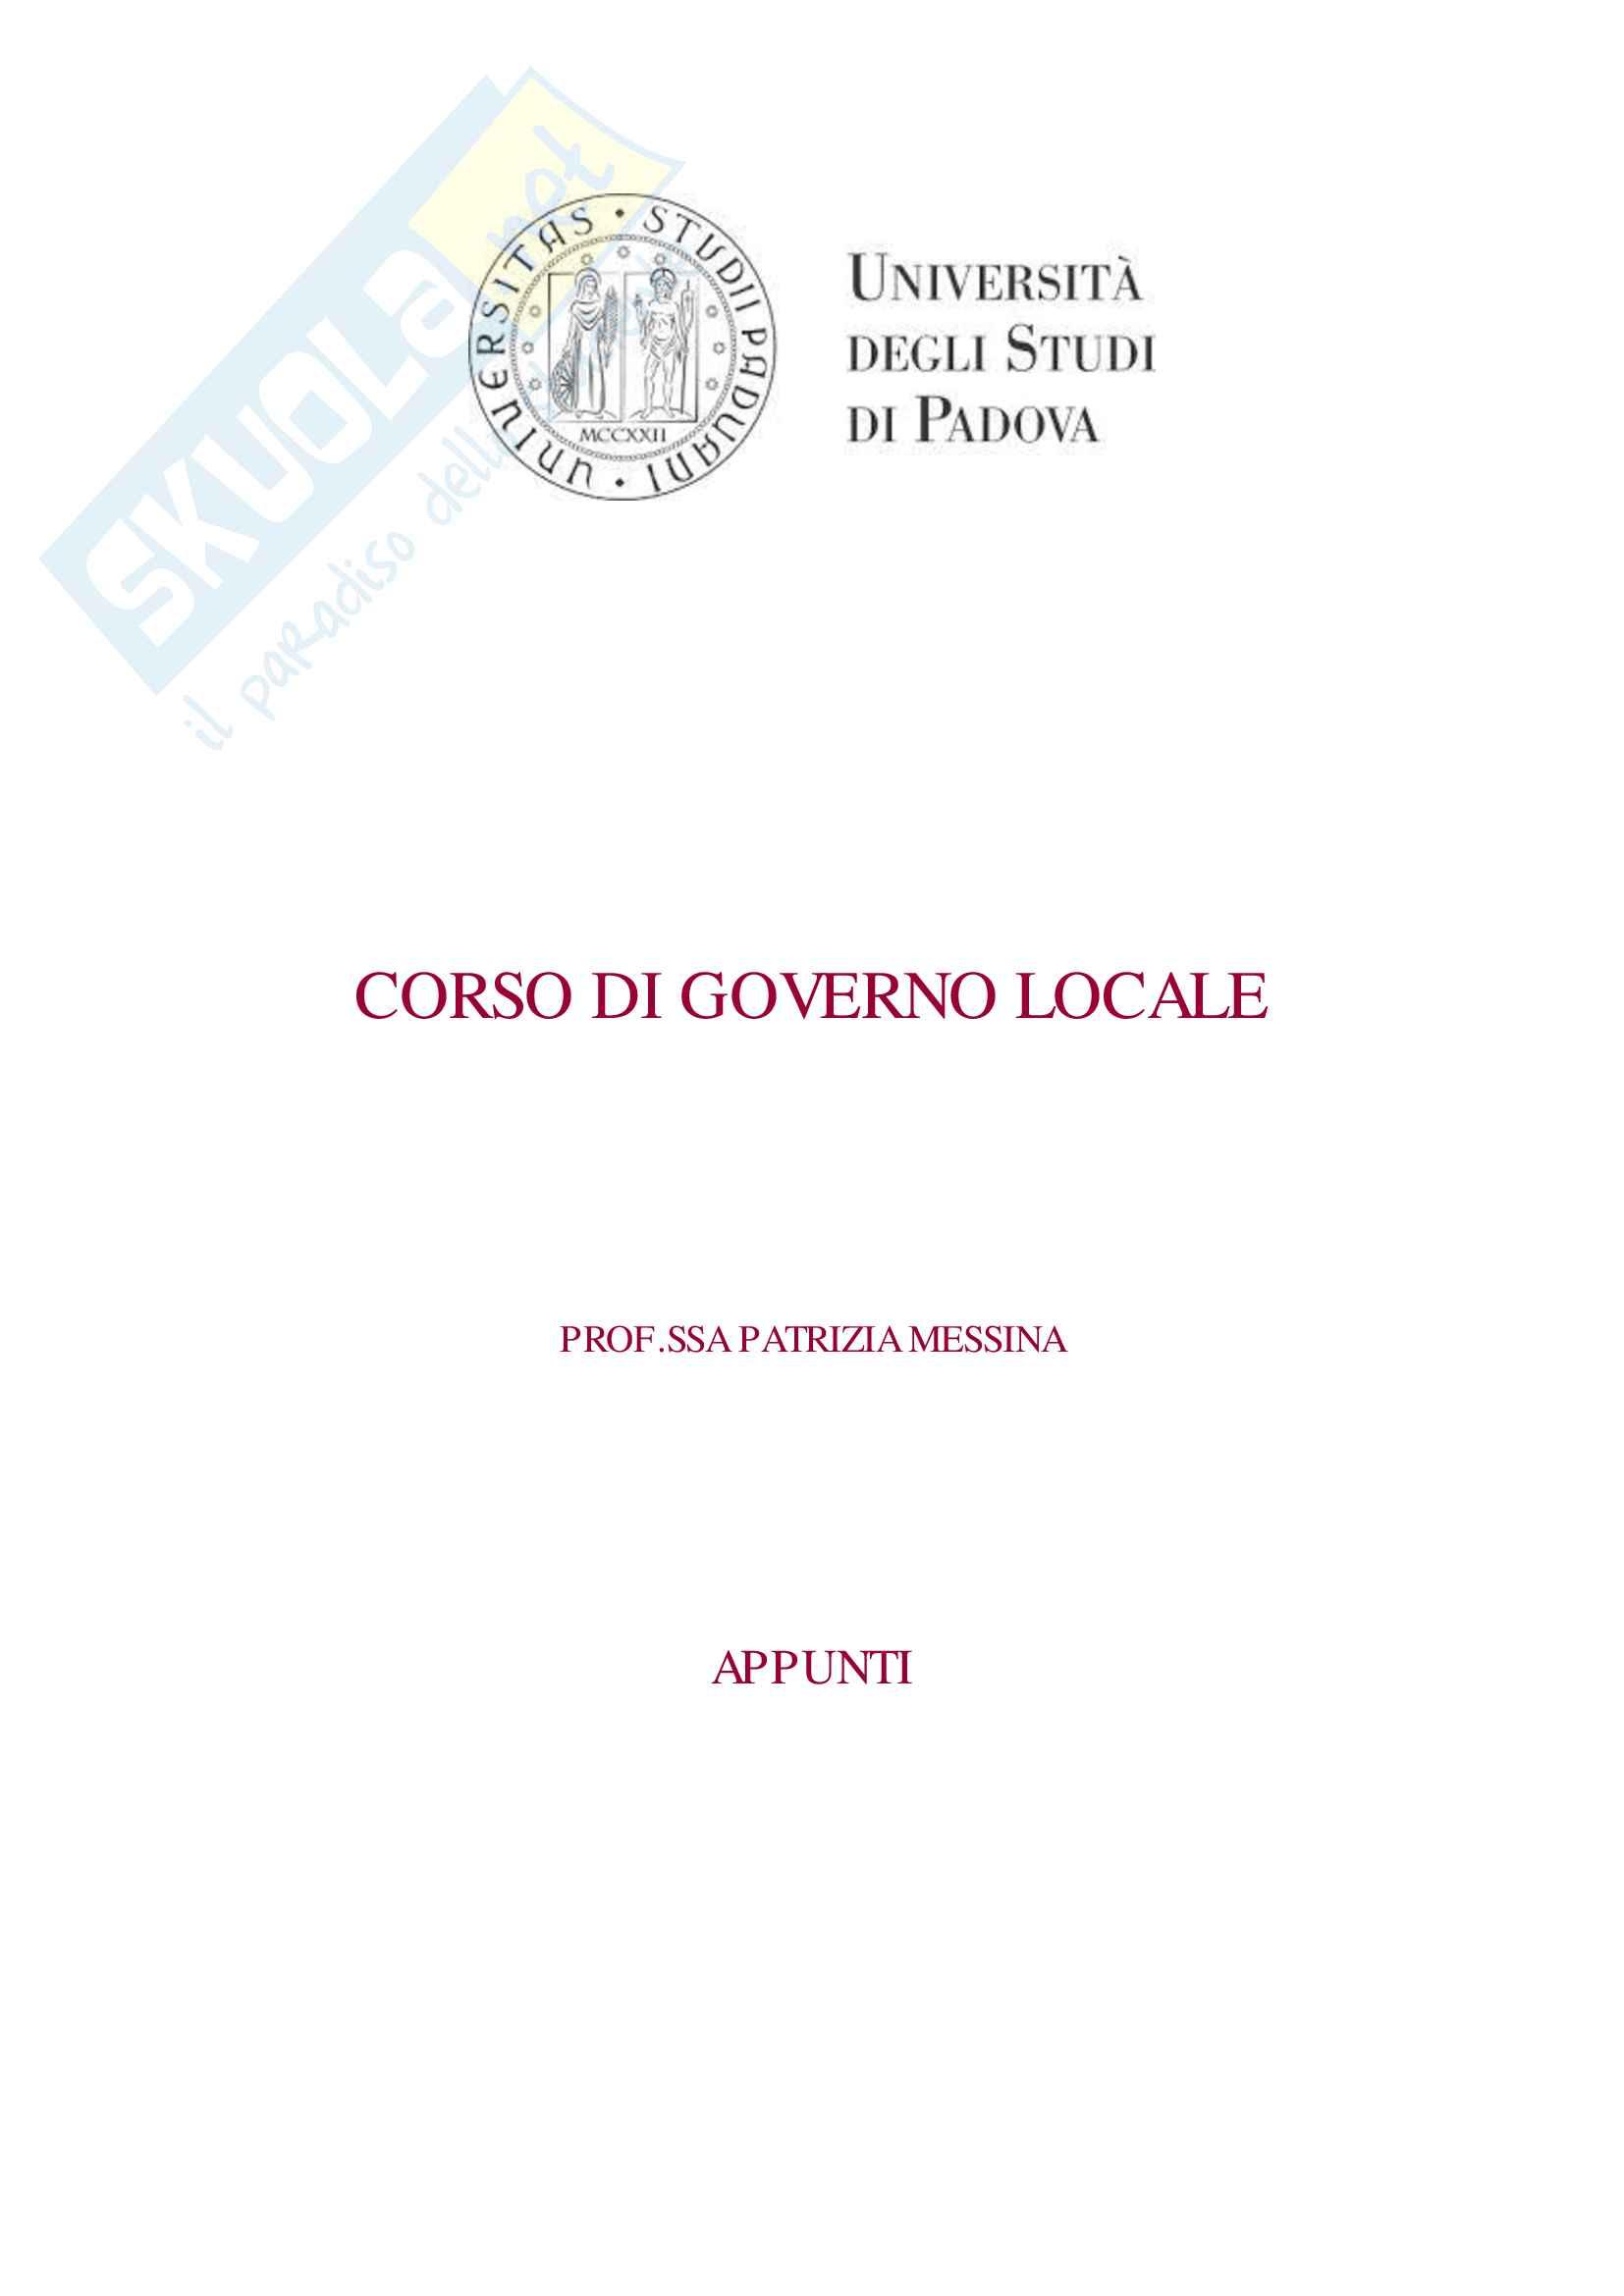 Appunti Governo Locale P Messina